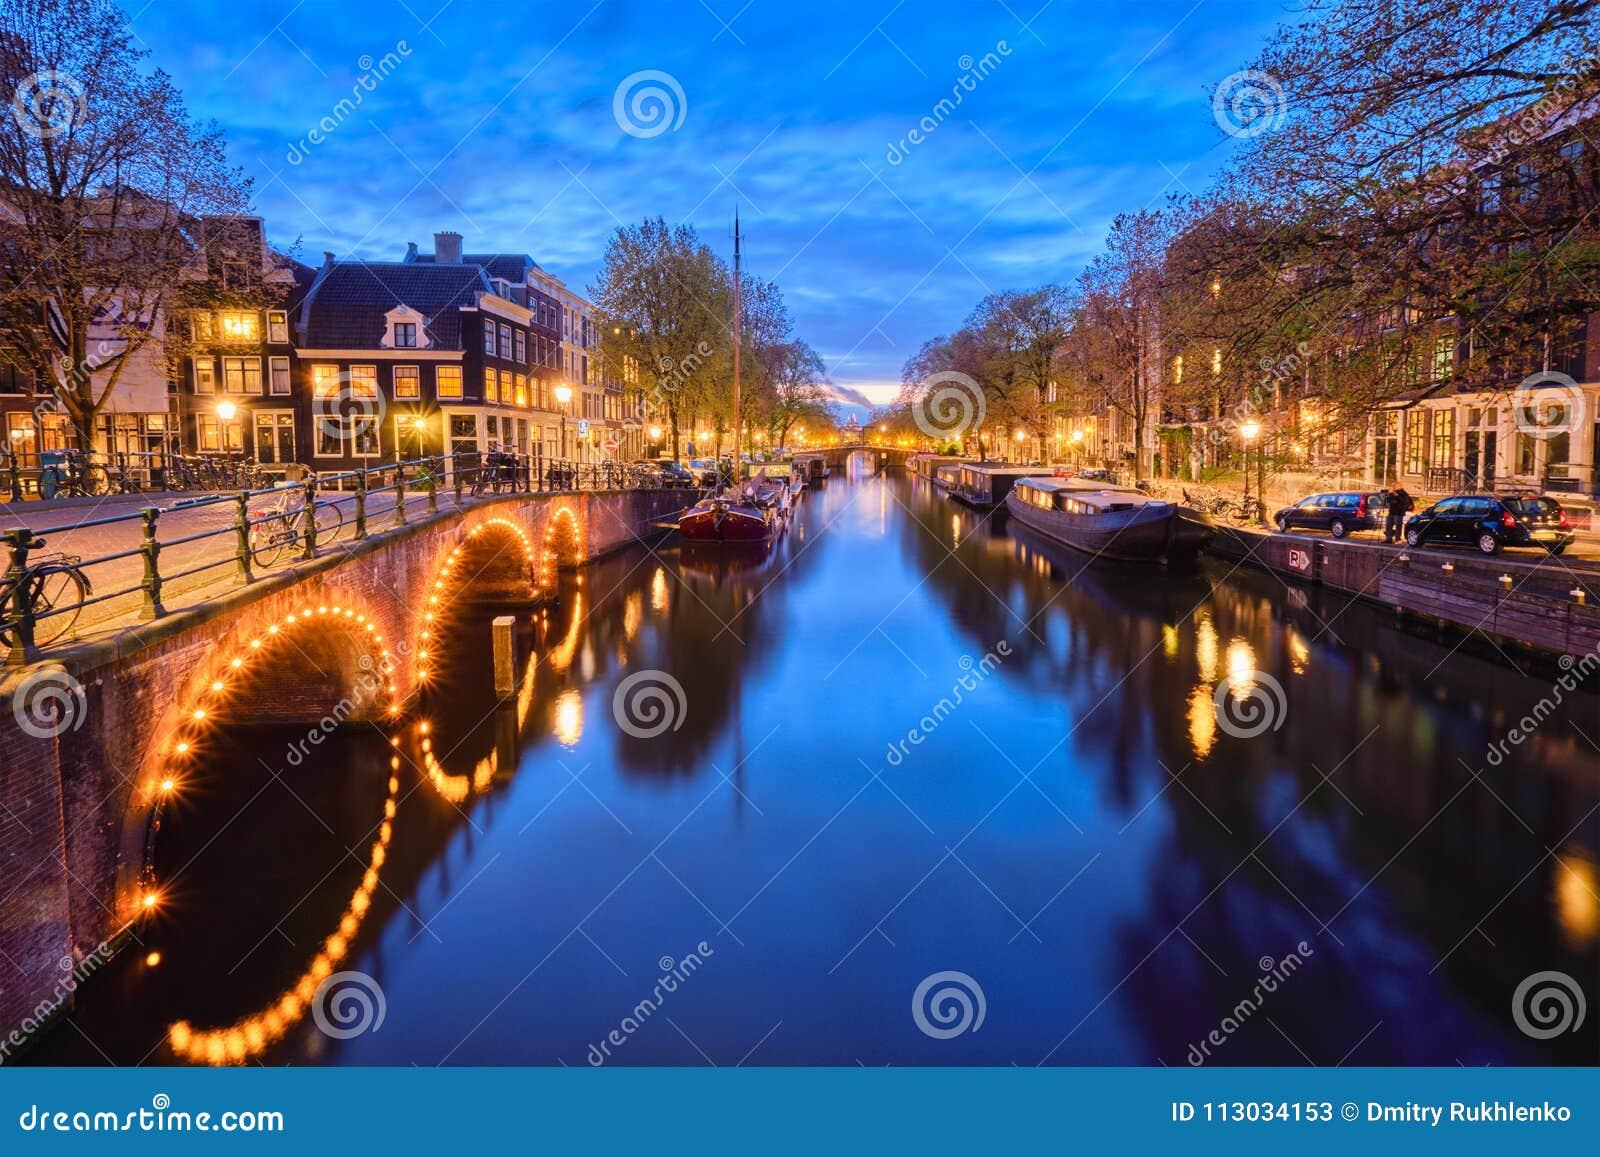 Canal de Amterdam, puente y casas medievales por la tarde